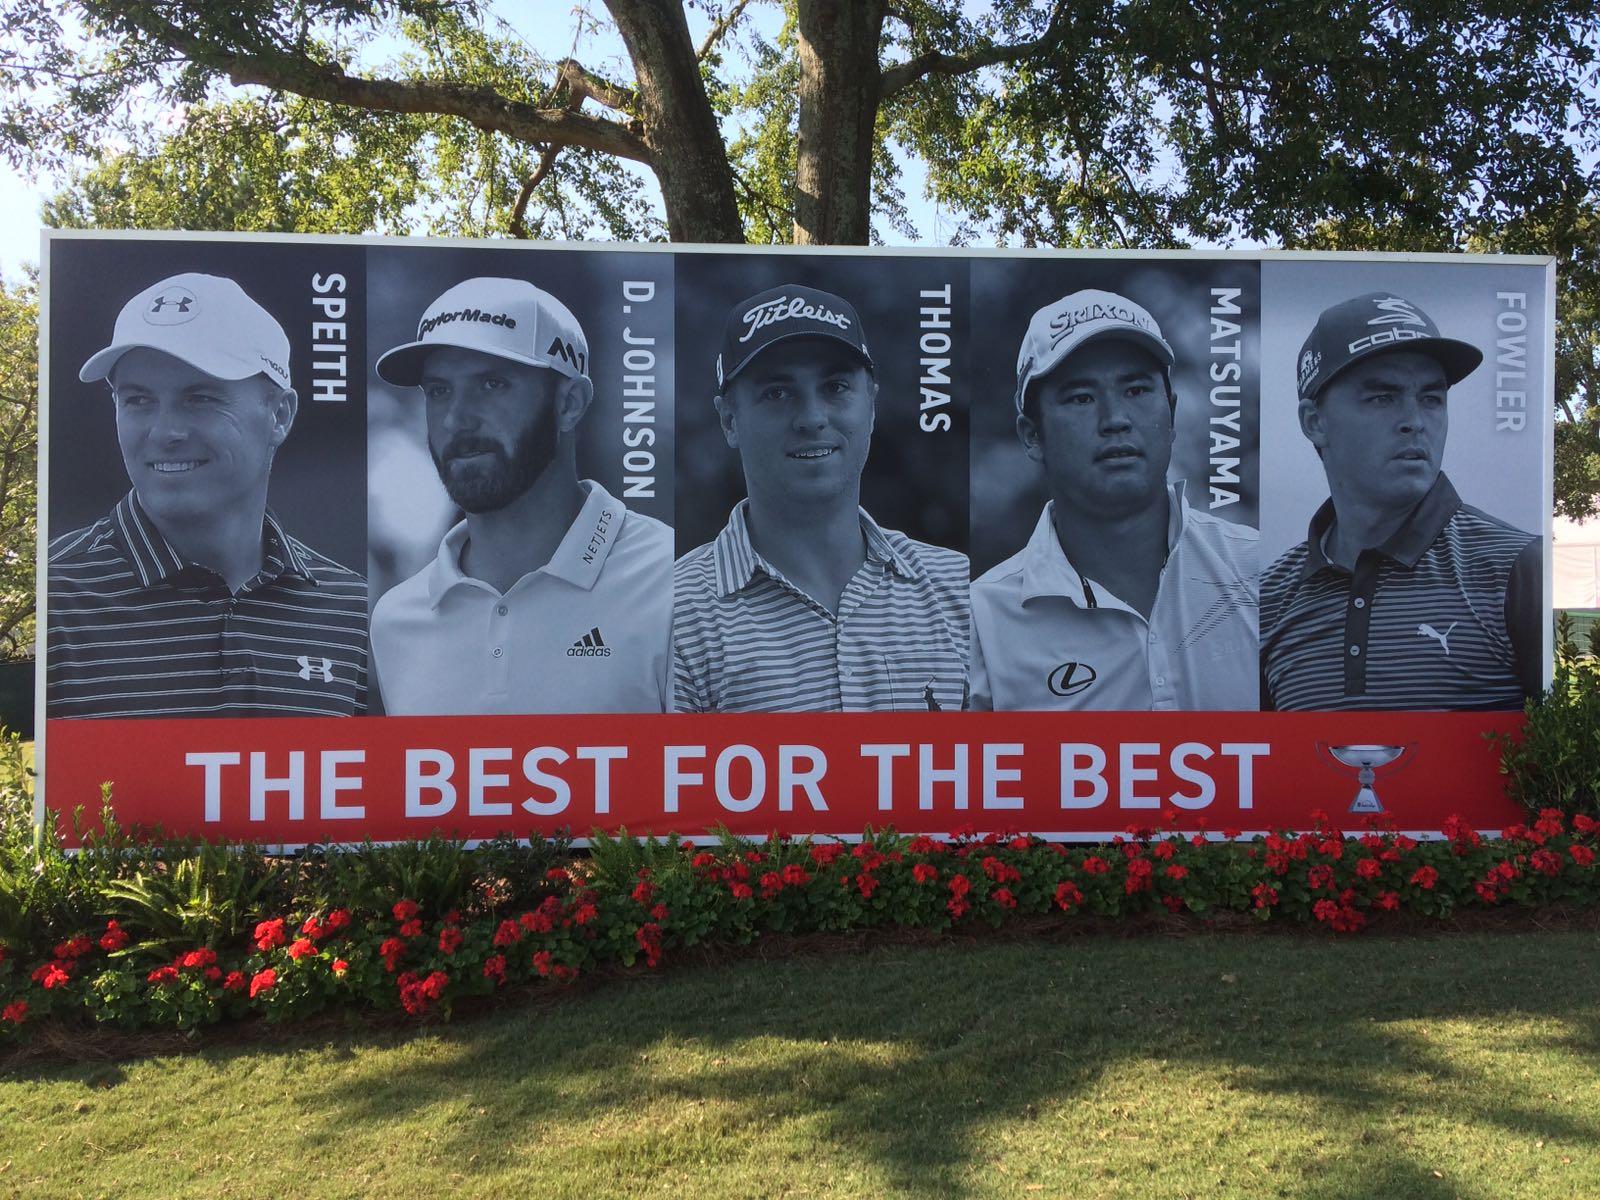 El cartel que recibe a los espectadores en la Final de la FedEx Cup.